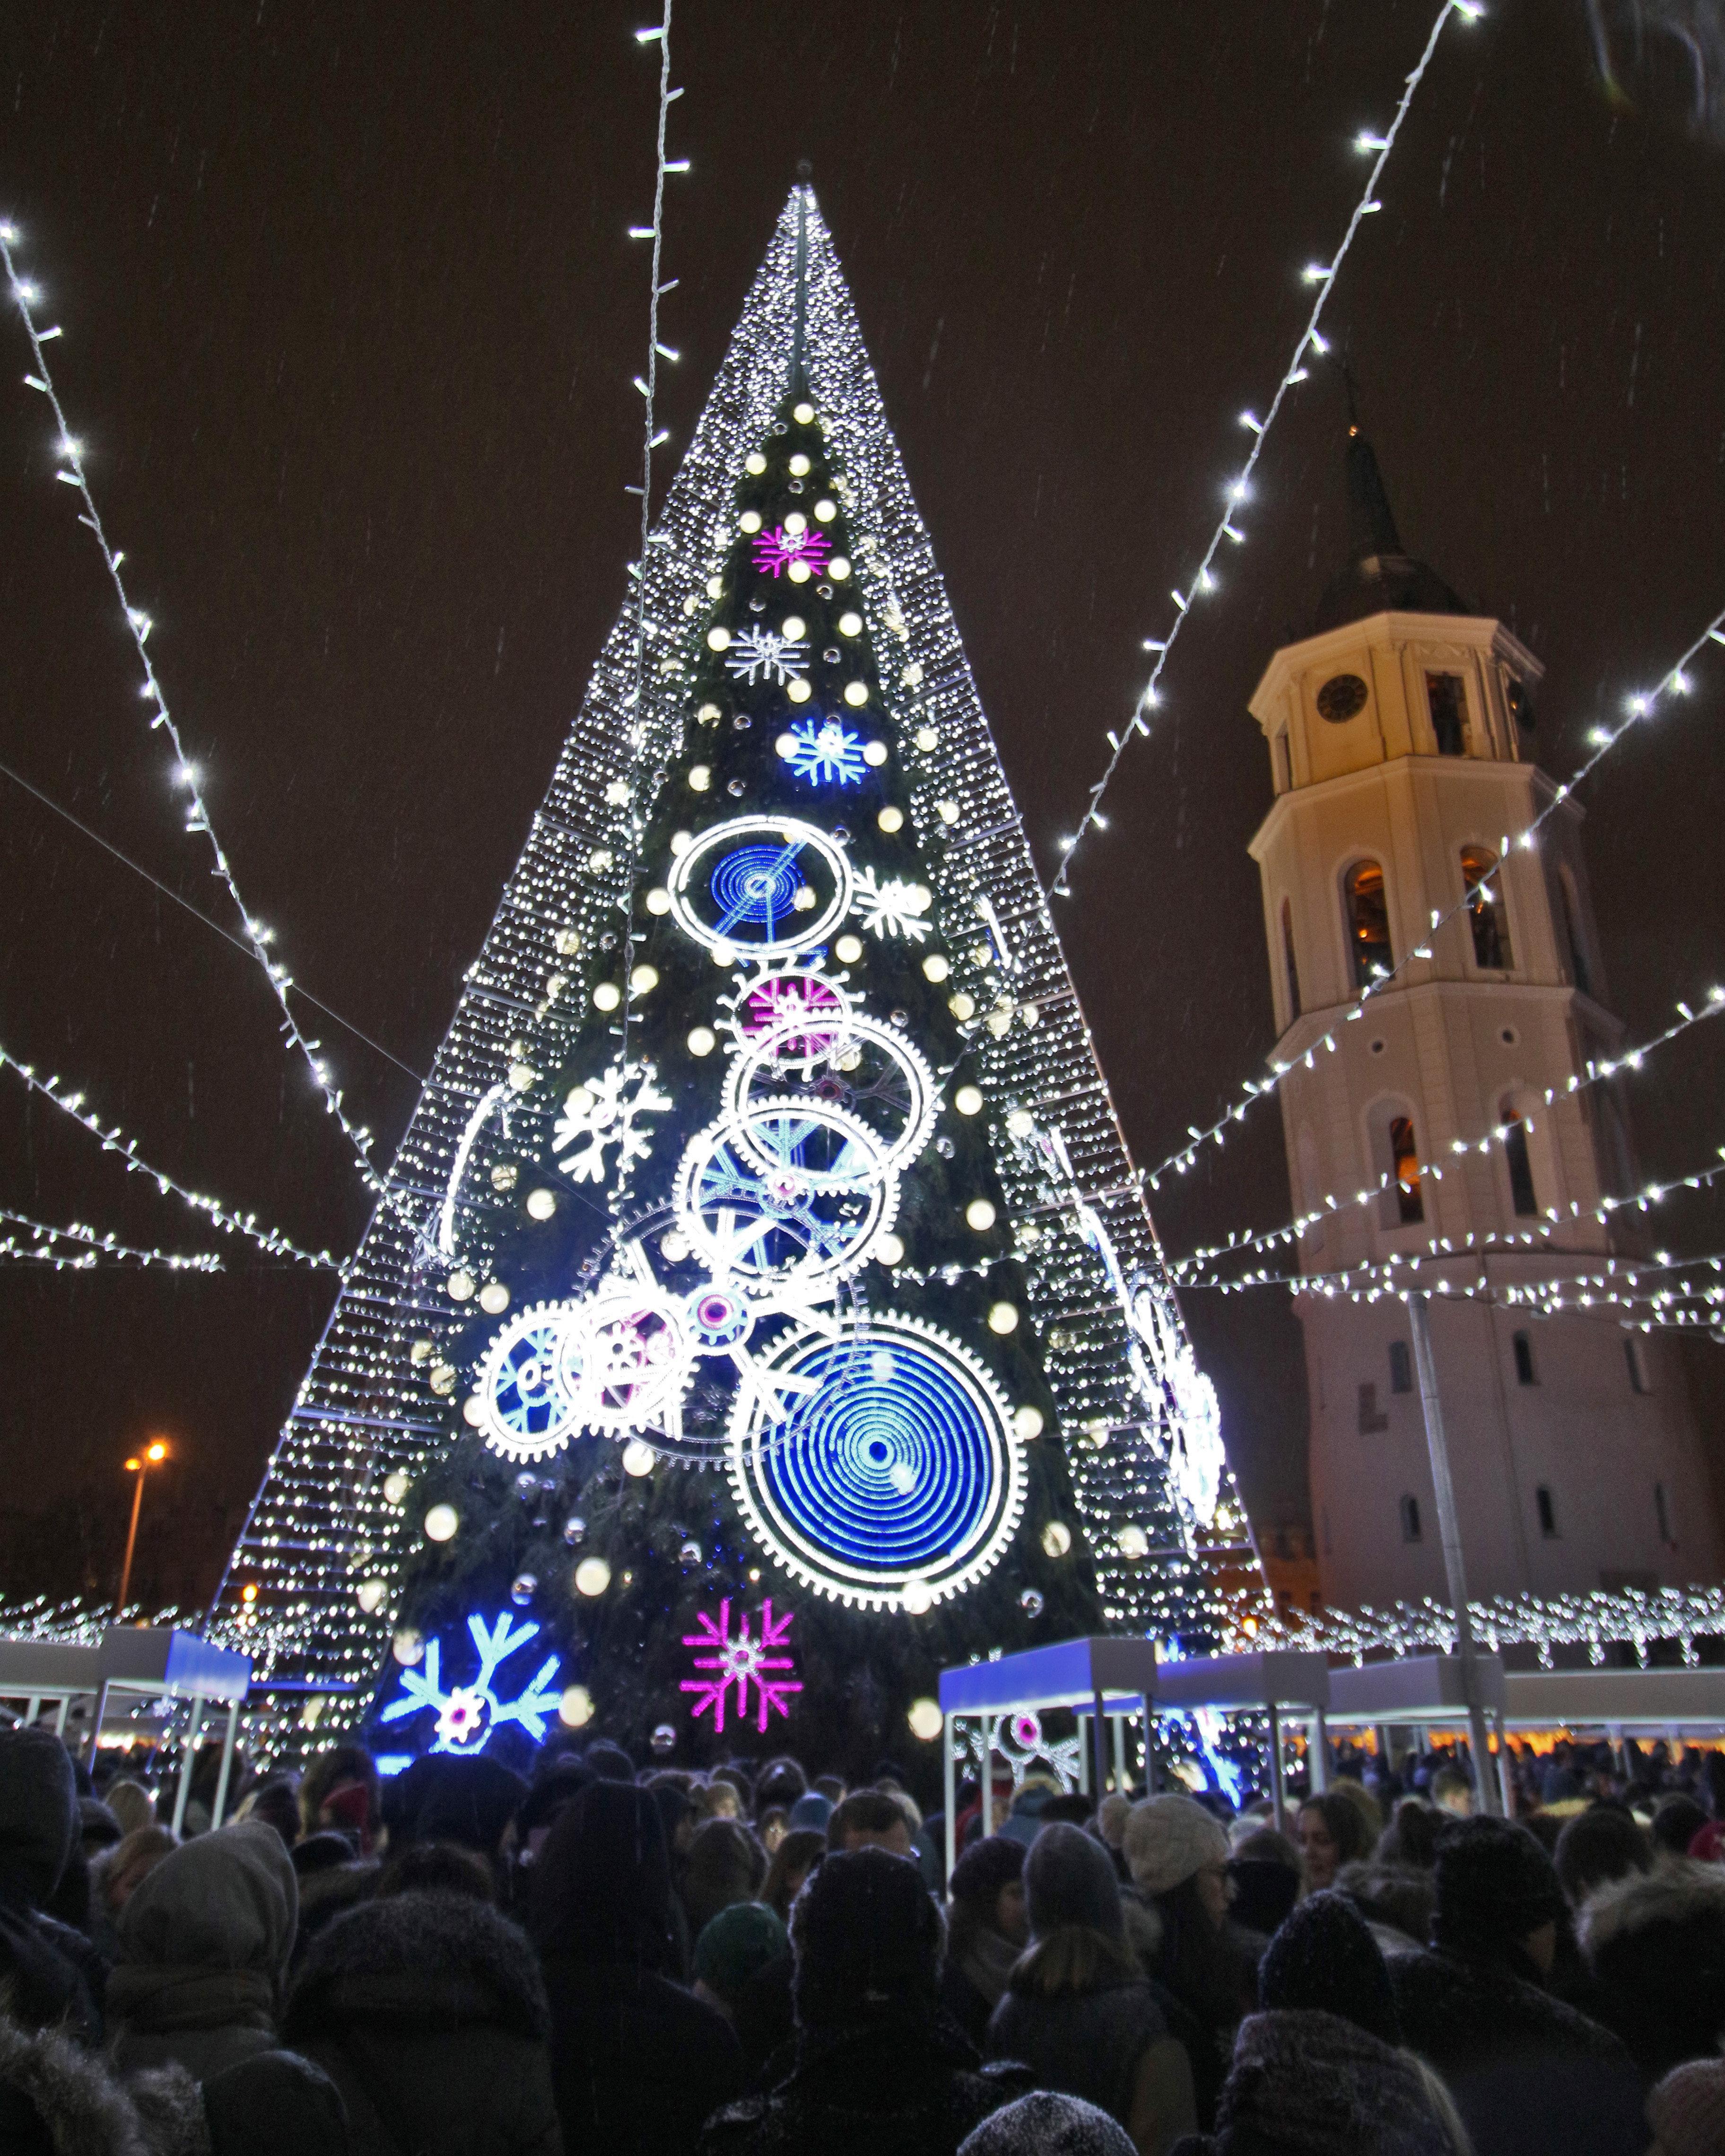 Un árbol de Navidad iluminado que se muestra fuera de la Catedral durante la ceremonia de iluminación en Vilna, Lituania